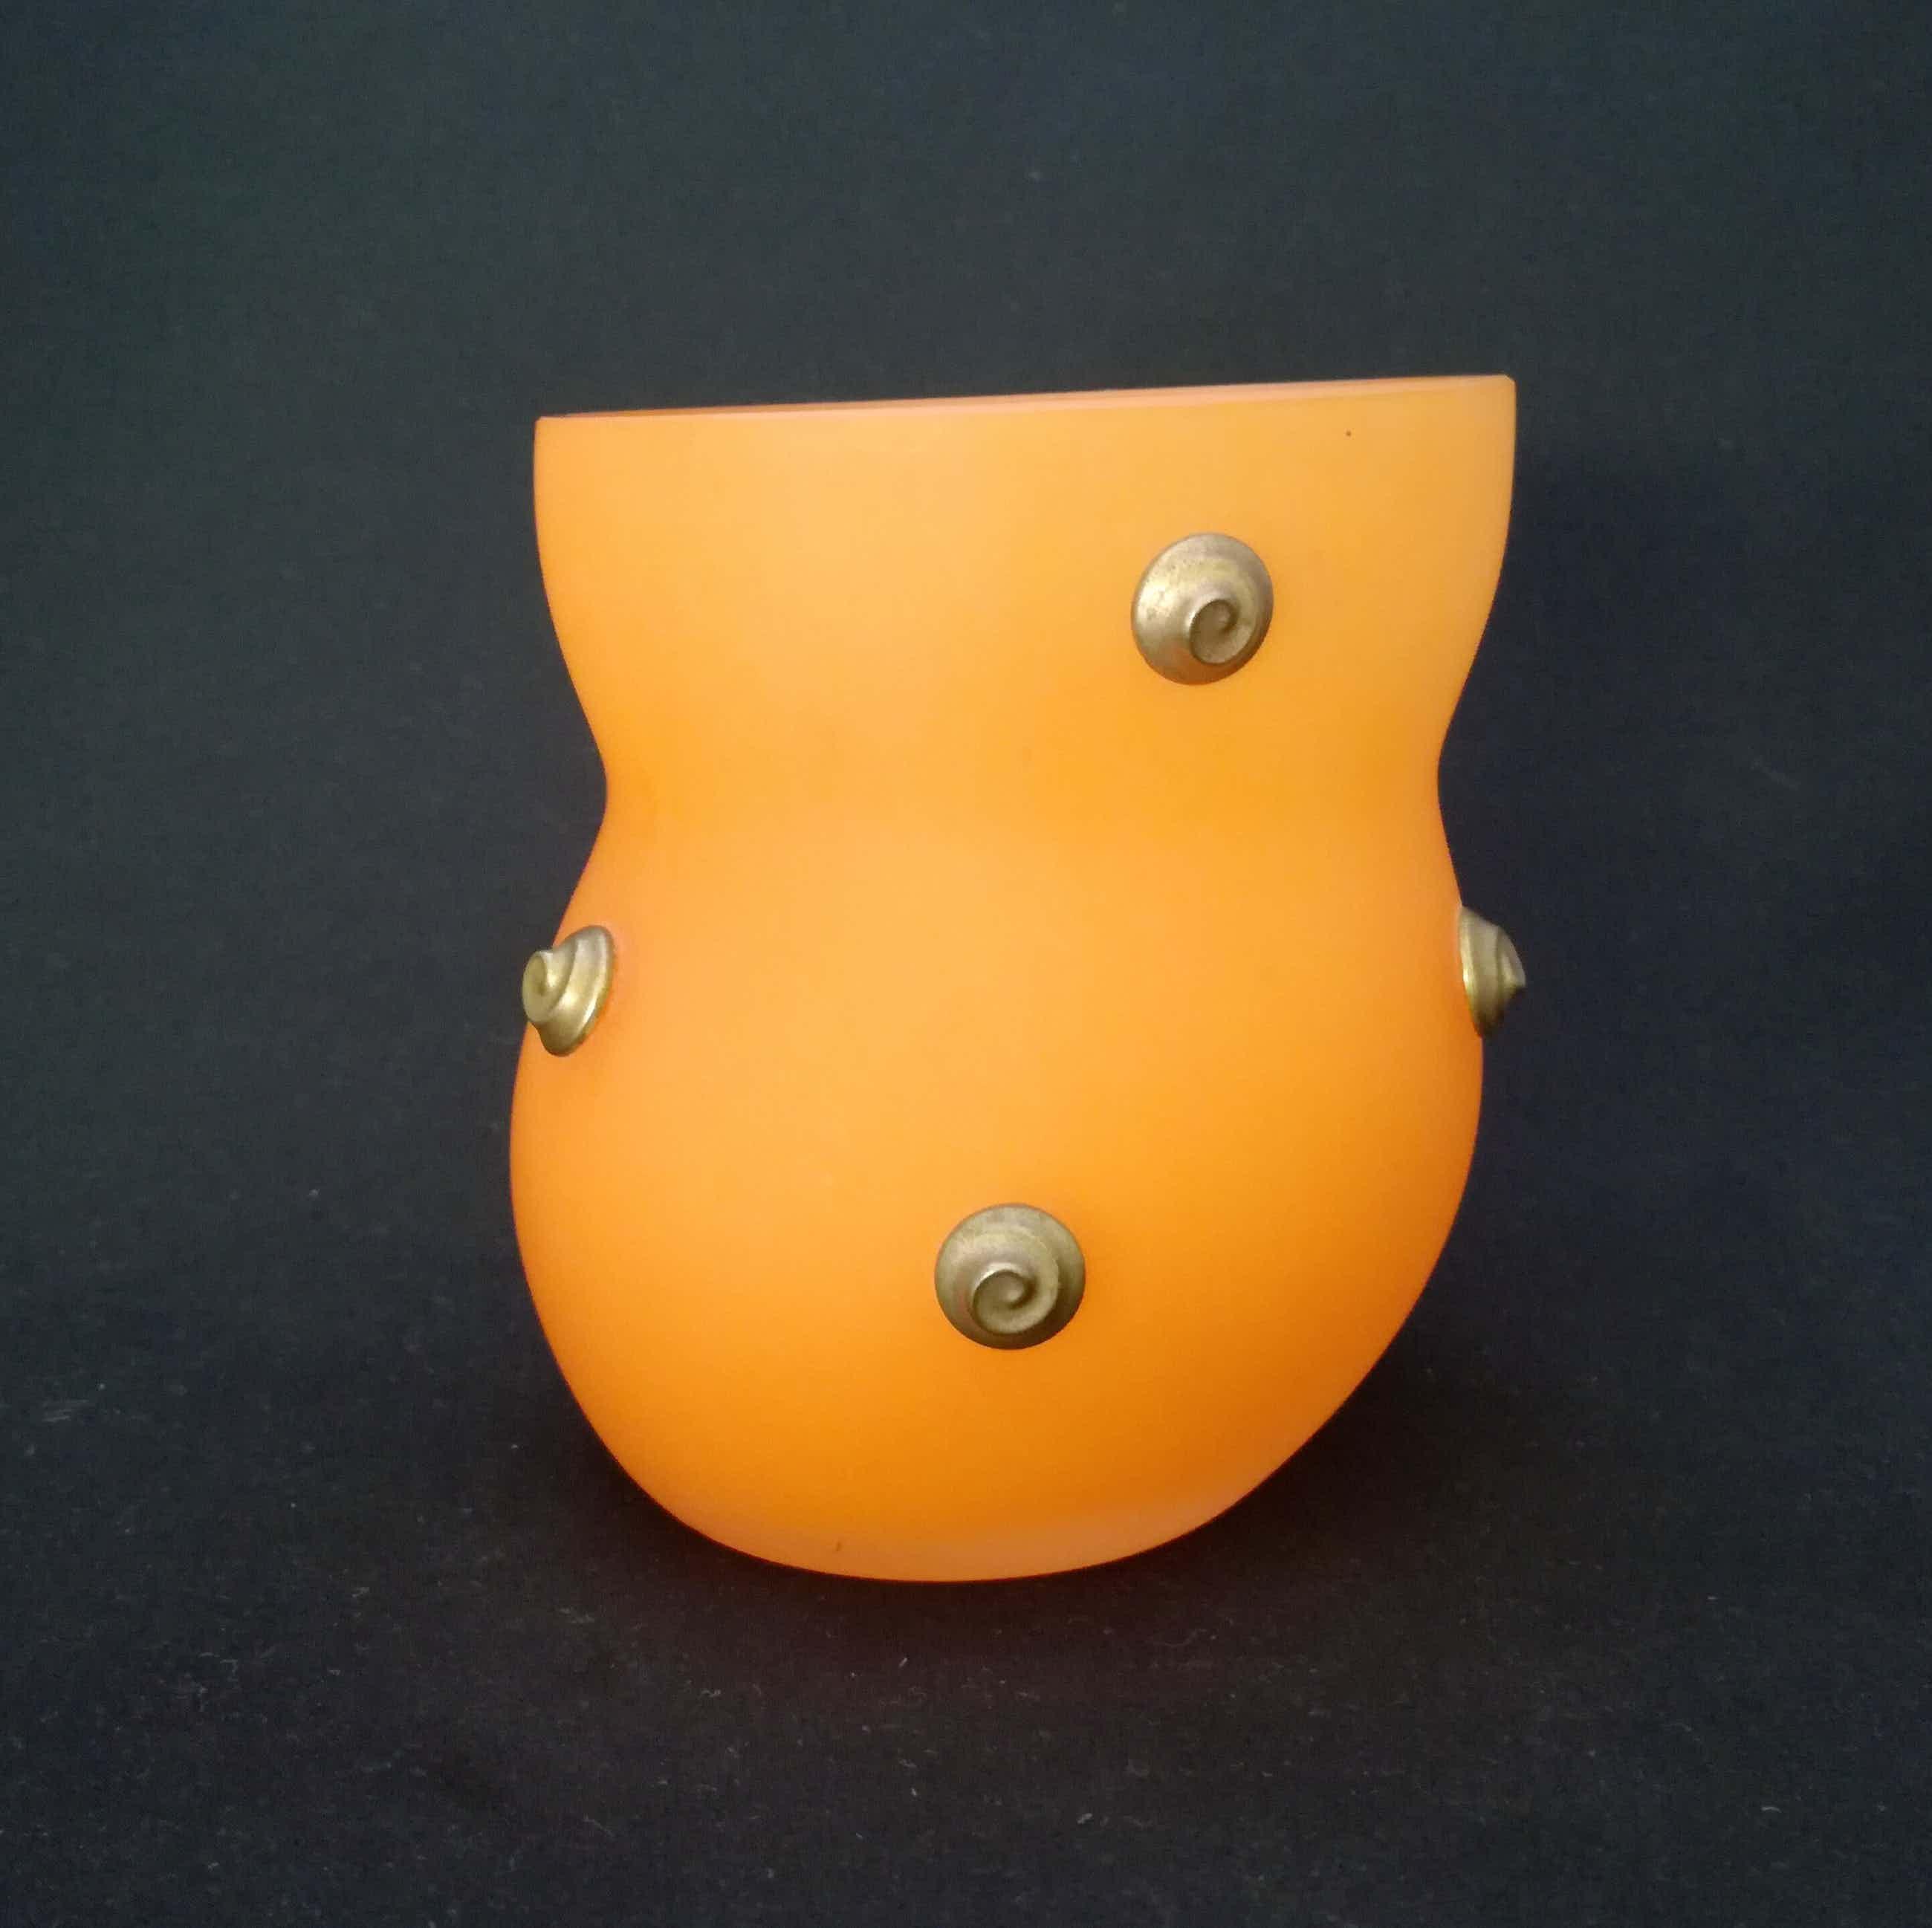 Elizabeth Garouste - ism Mattia Bonetti: 2 objecten vervaardigd voor Nina Ricci, 1993 kopen? Bied vanaf 150!